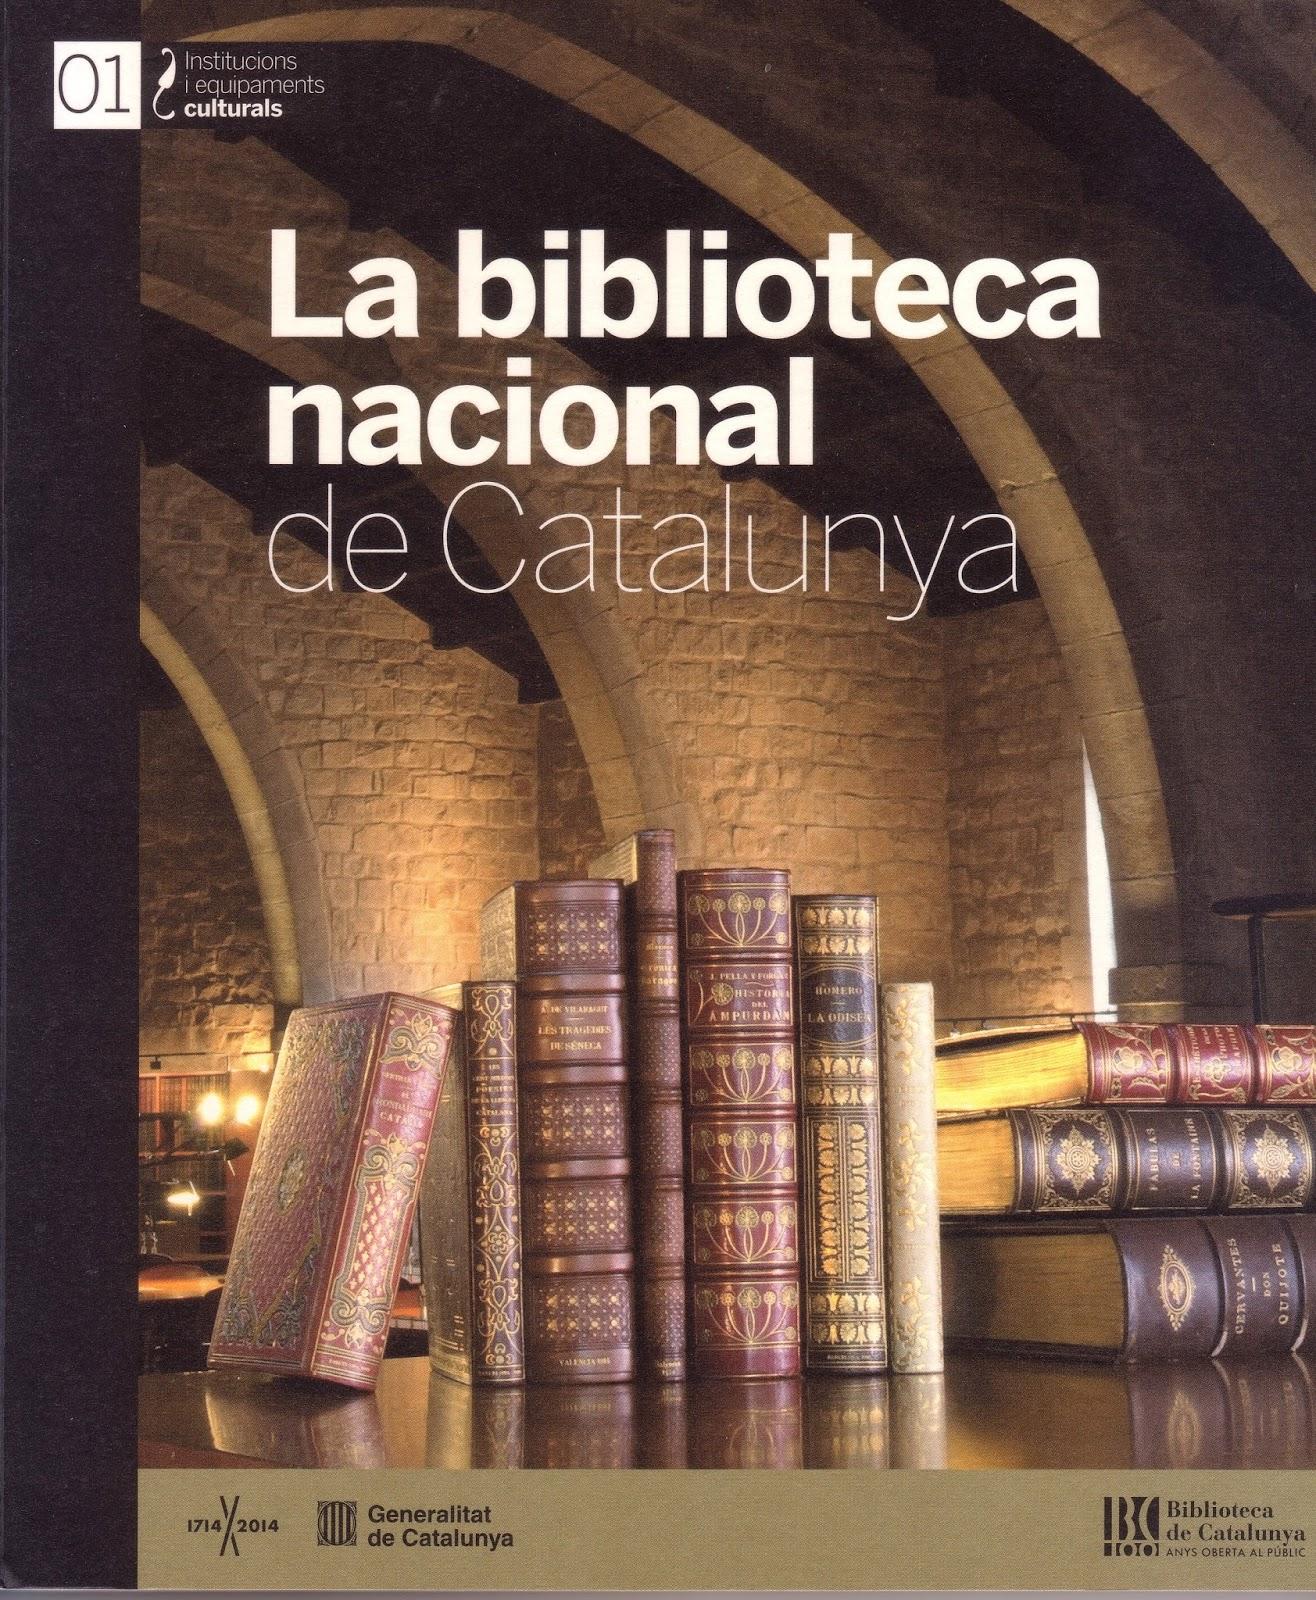 http://www.bnc.cat/Visita-ns/Activitats/Presentacio-de-la-nova-guia-de-la-Biblioteca-de-Catalunya